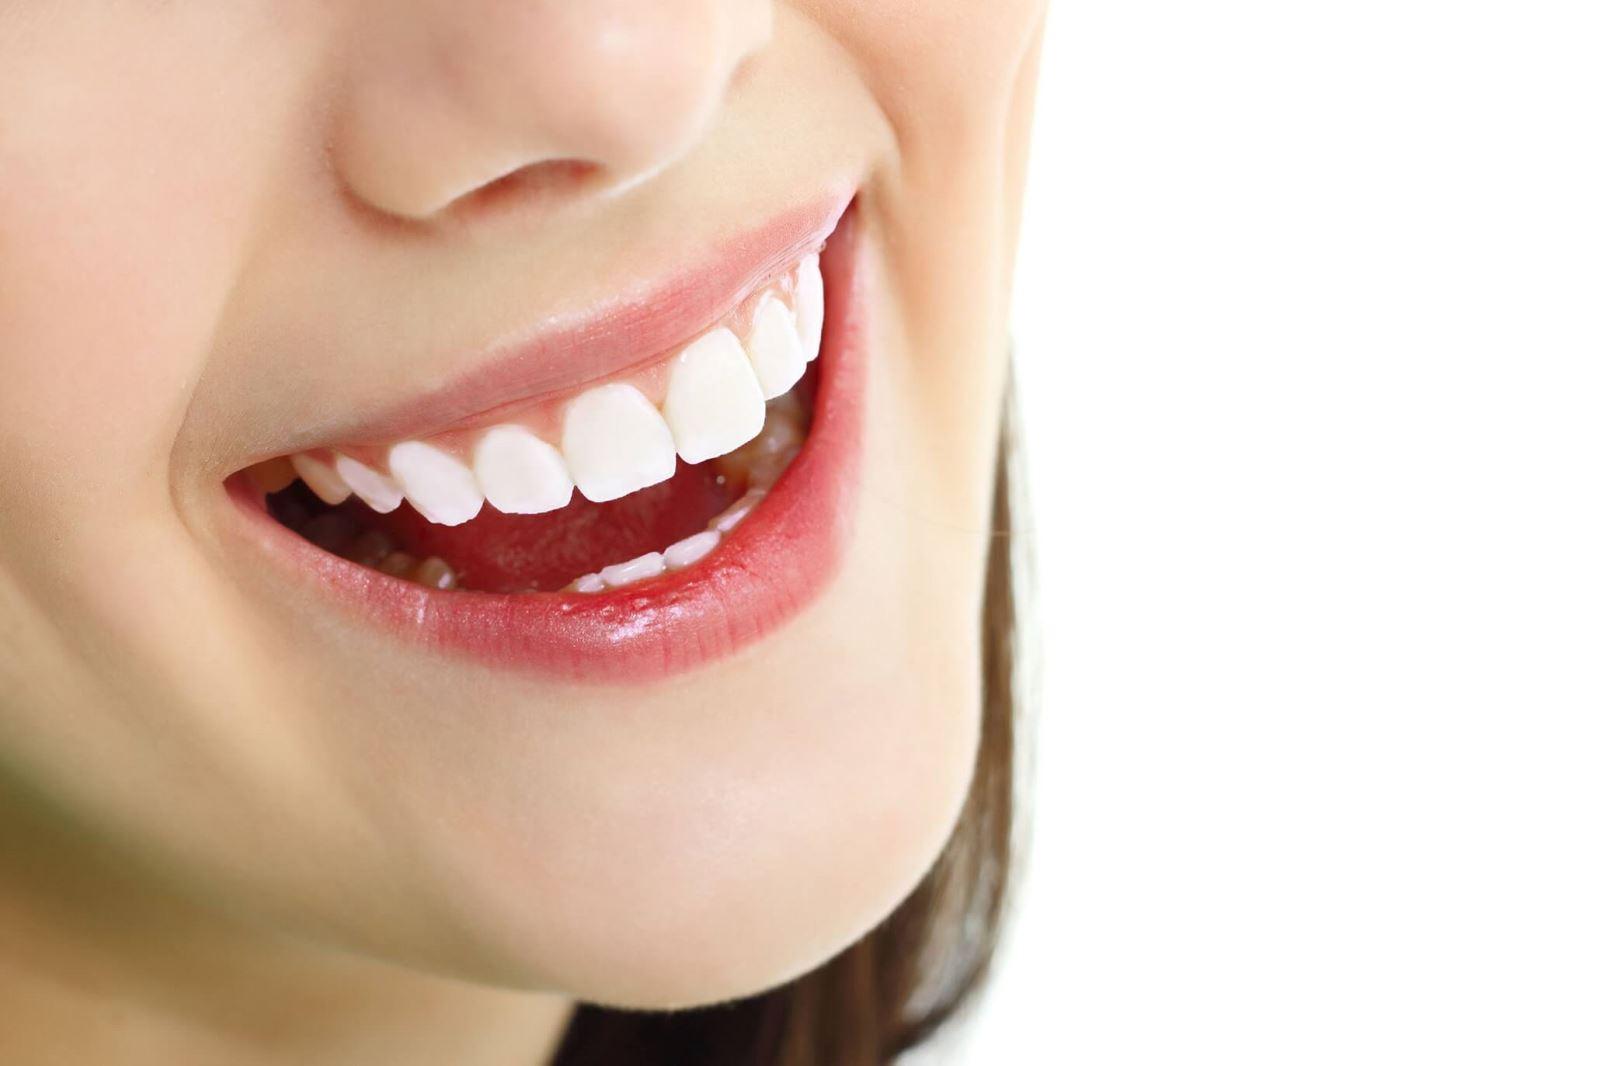 Cercon là răng sứ không kim loại được đánh giá rất cao về tính thẩm mỹ và độ bền